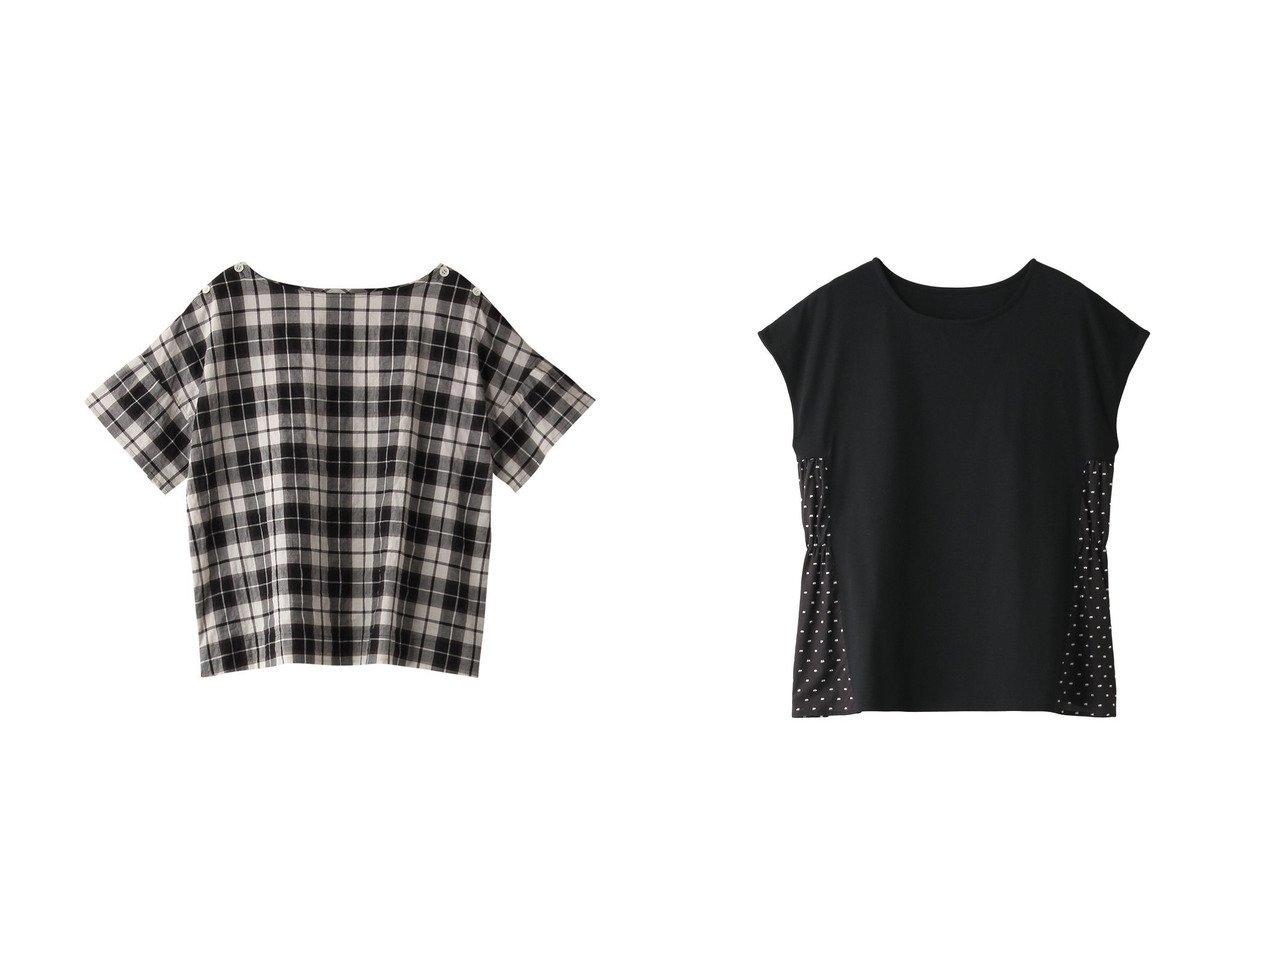 【nanadecor/ナナデコール】のシナモンチェックトップス&スノードットTシャツ 【トップス・カットソー】おすすめ!人気、トレンド・レディースファッションの通販 おすすめで人気の流行・トレンド、ファッションの通販商品 メンズファッション・キッズファッション・インテリア・家具・レディースファッション・服の通販 founy(ファニー) https://founy.com/ ファッション Fashion レディースファッション WOMEN トップス・カットソー Tops/Tshirt シャツ/ブラウス Shirts/Blouses ロング / Tシャツ T-Shirts カットソー Cut and Sewn ギャザー ショート スリーブ ドット セットアップ チェック ベーシック |ID:crp329100000029382